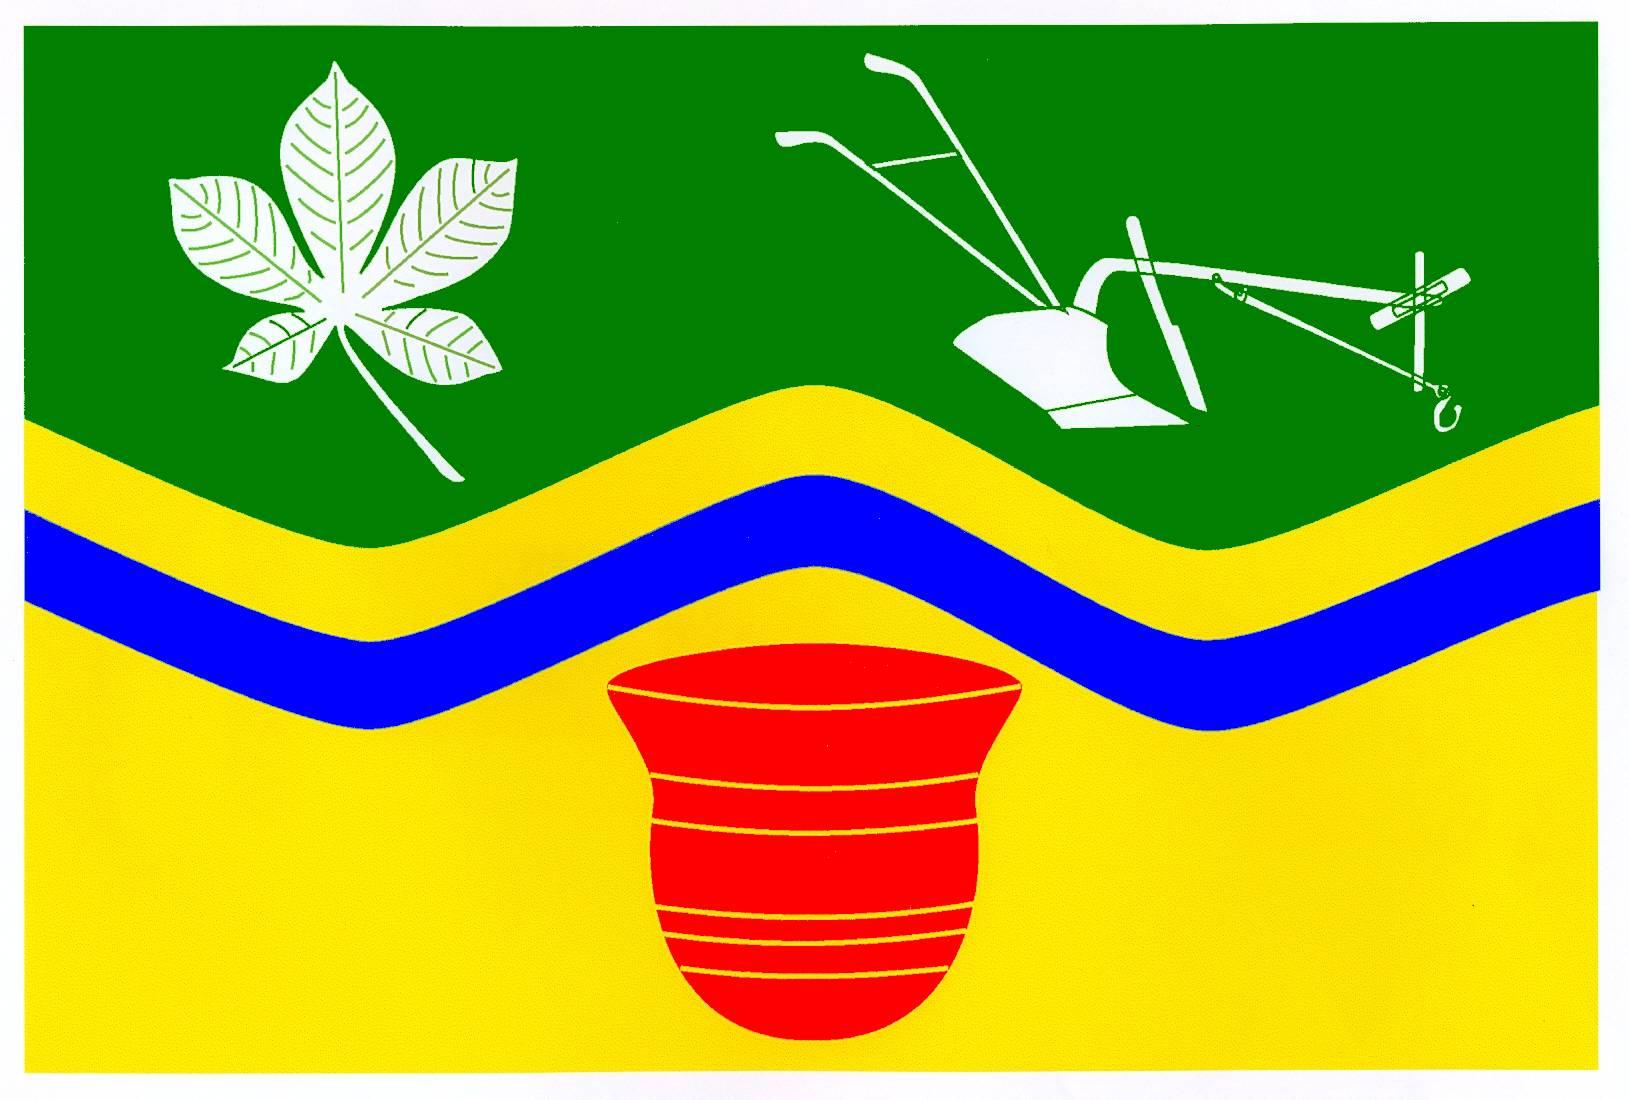 Flagge GemeindeGrove, Kreis Herzogtum Lauenburg